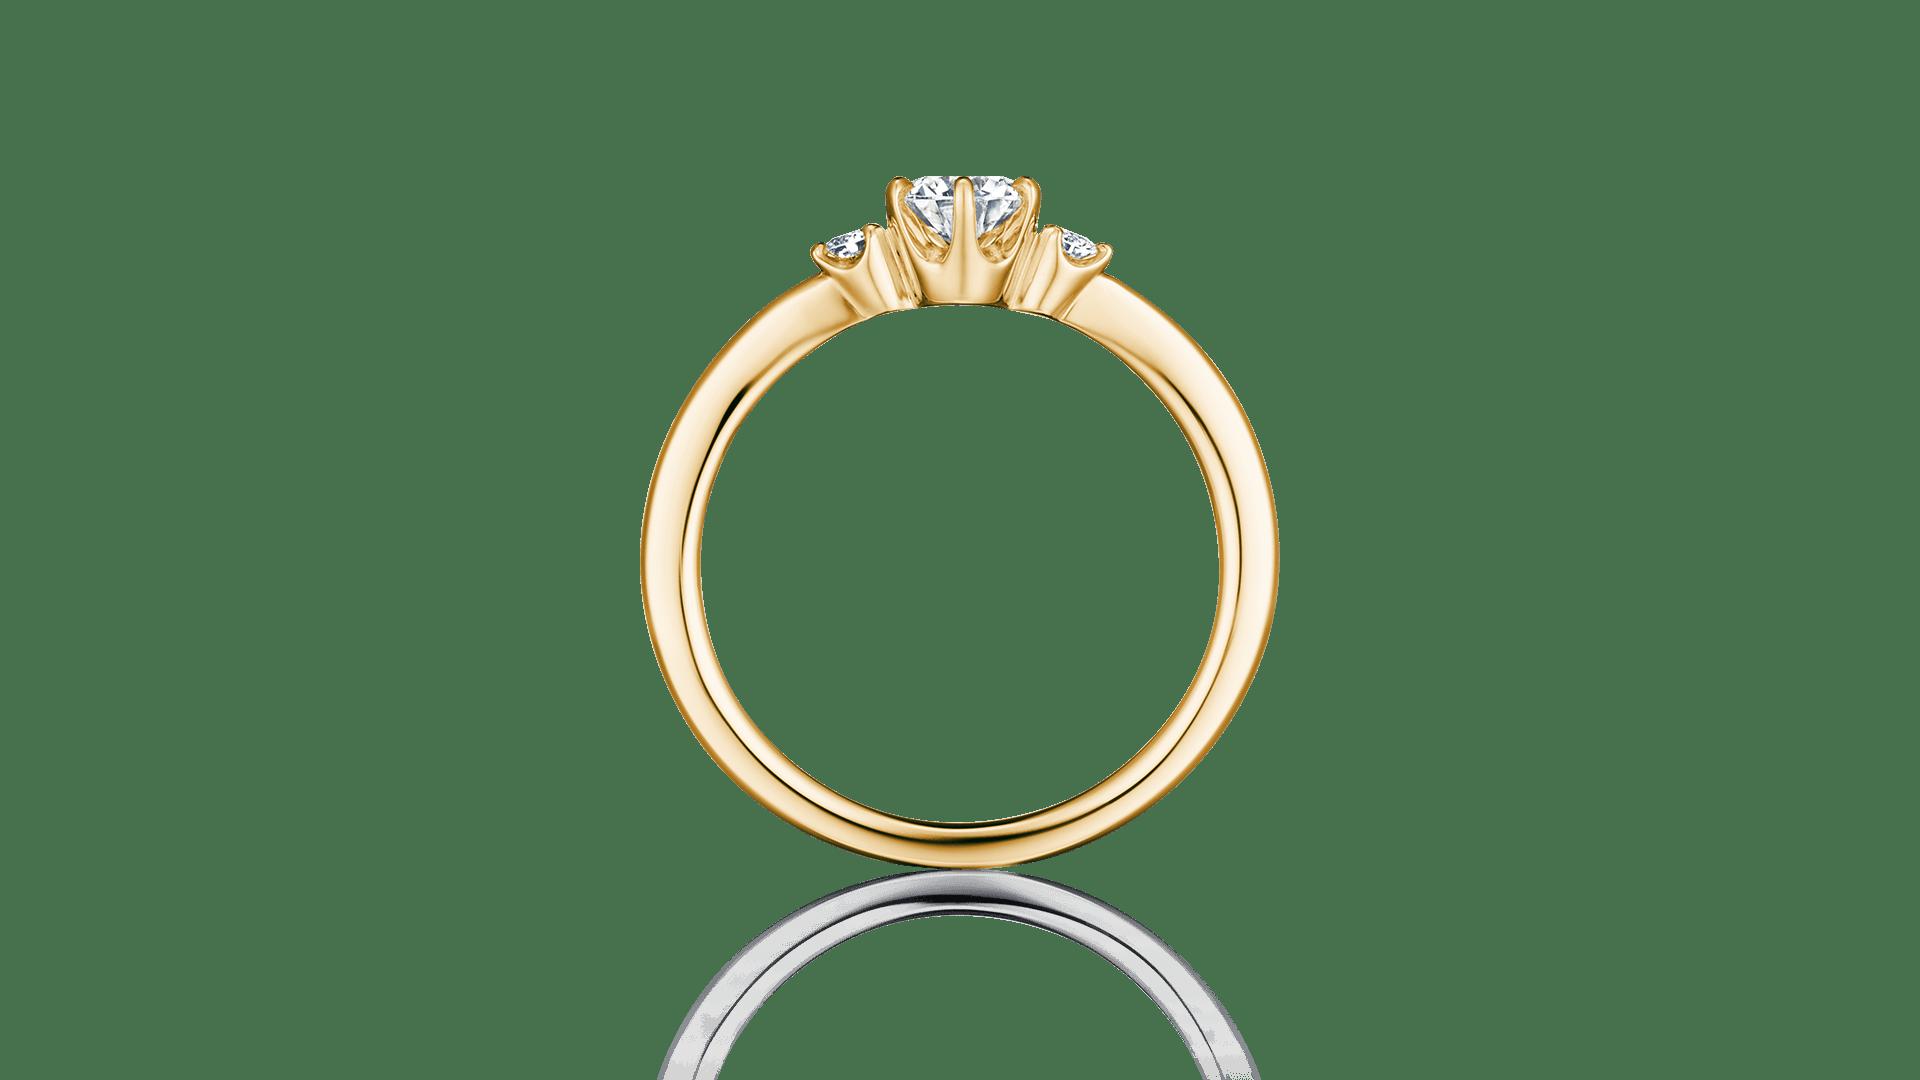 meissa メイサ | 婚約指輪サムネイル 2